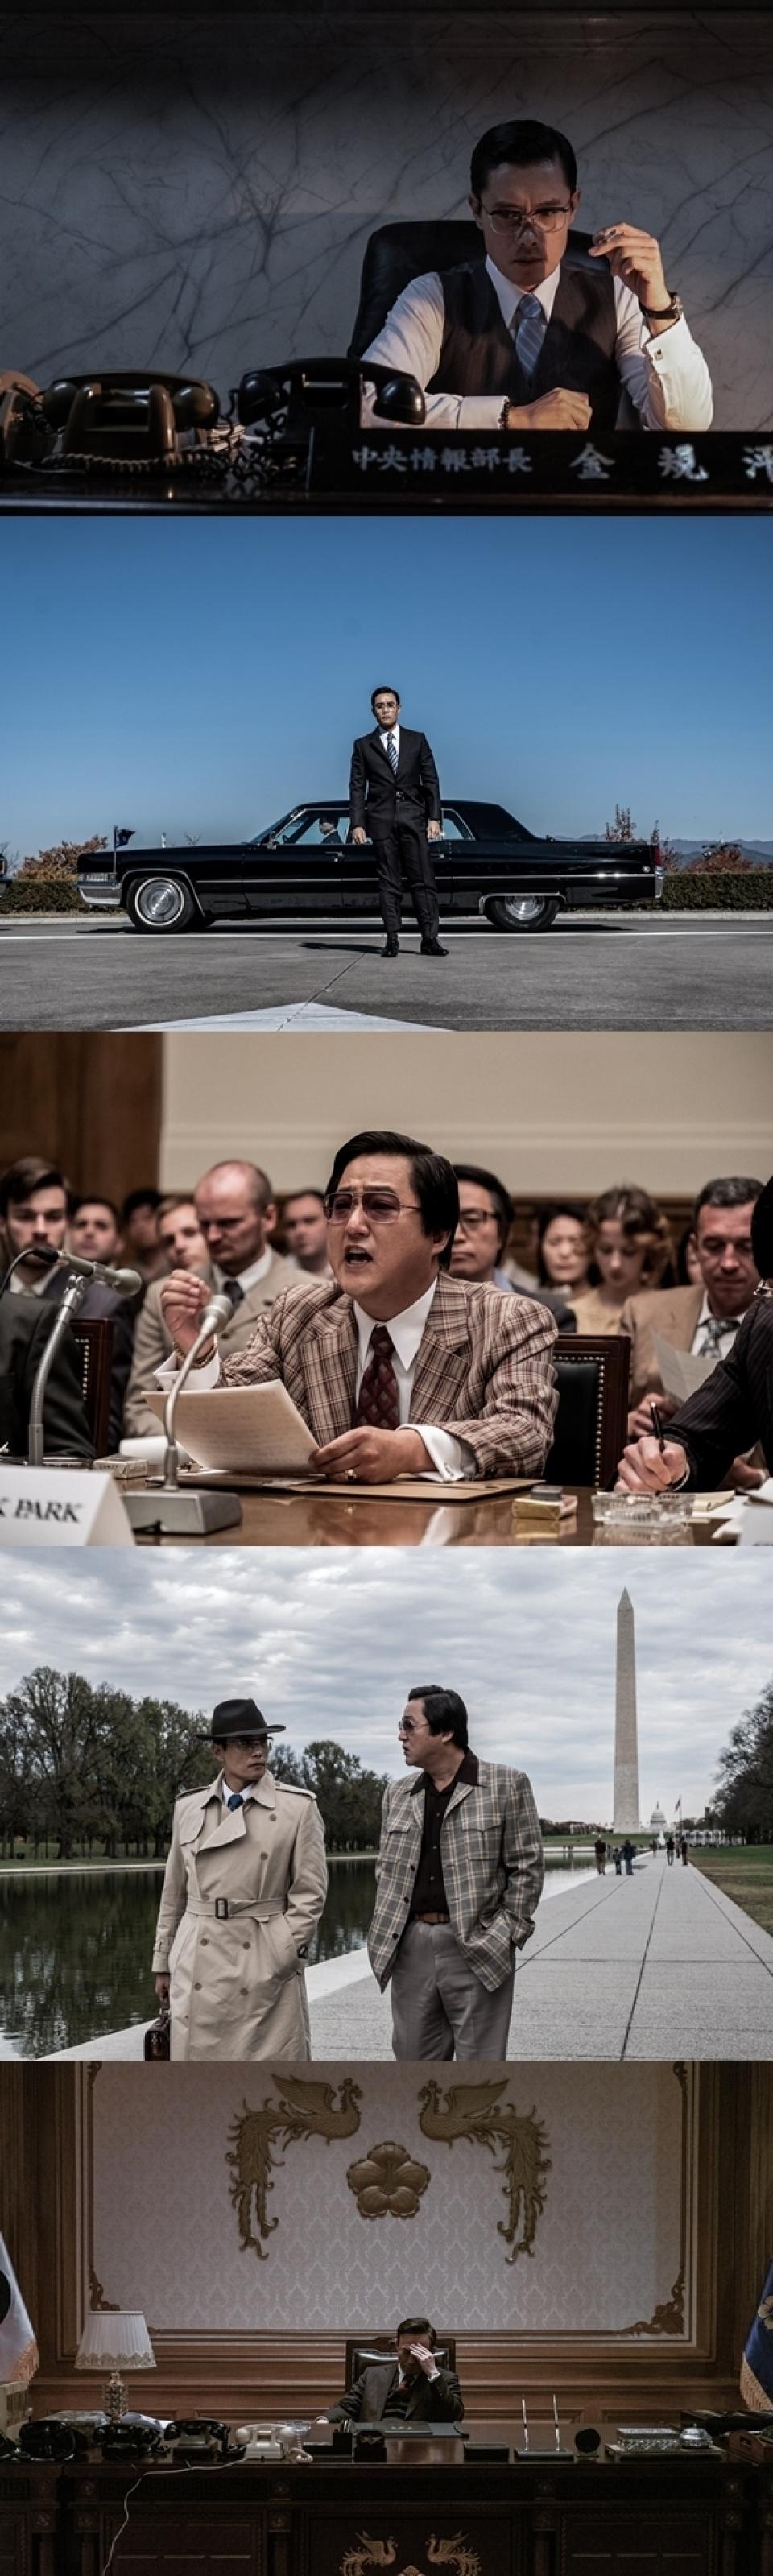 イ・ビョンホン×イ・ソンミン×クァク・ドウォン×イ・ヒジュン、『南山の部長たち』1月公開へ